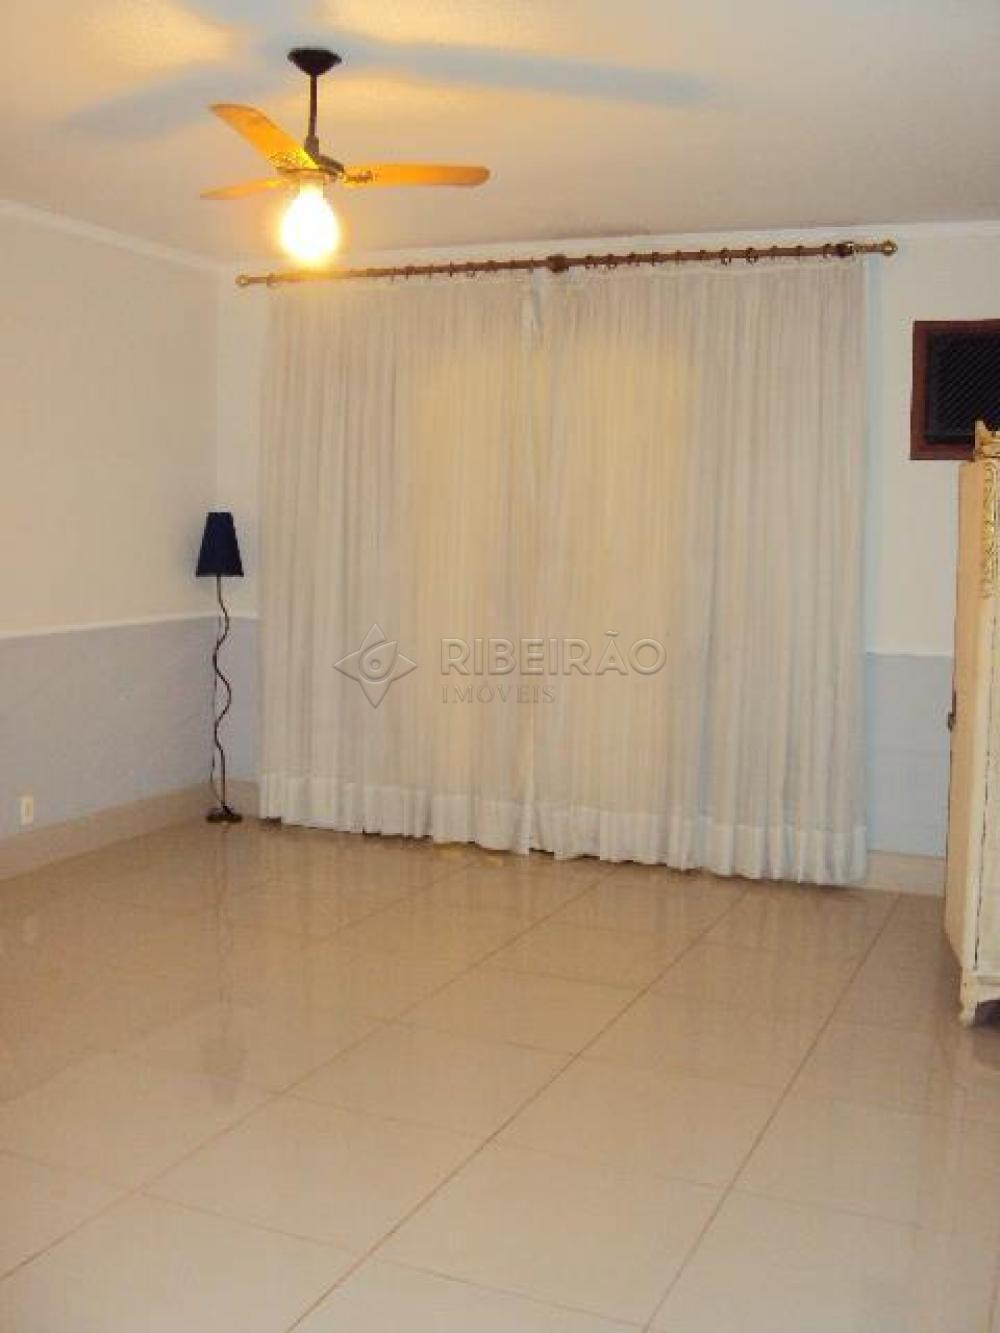 Alugar Casa / Padrão em Ribeirão Preto apenas R$ 15.000,00 - Foto 6